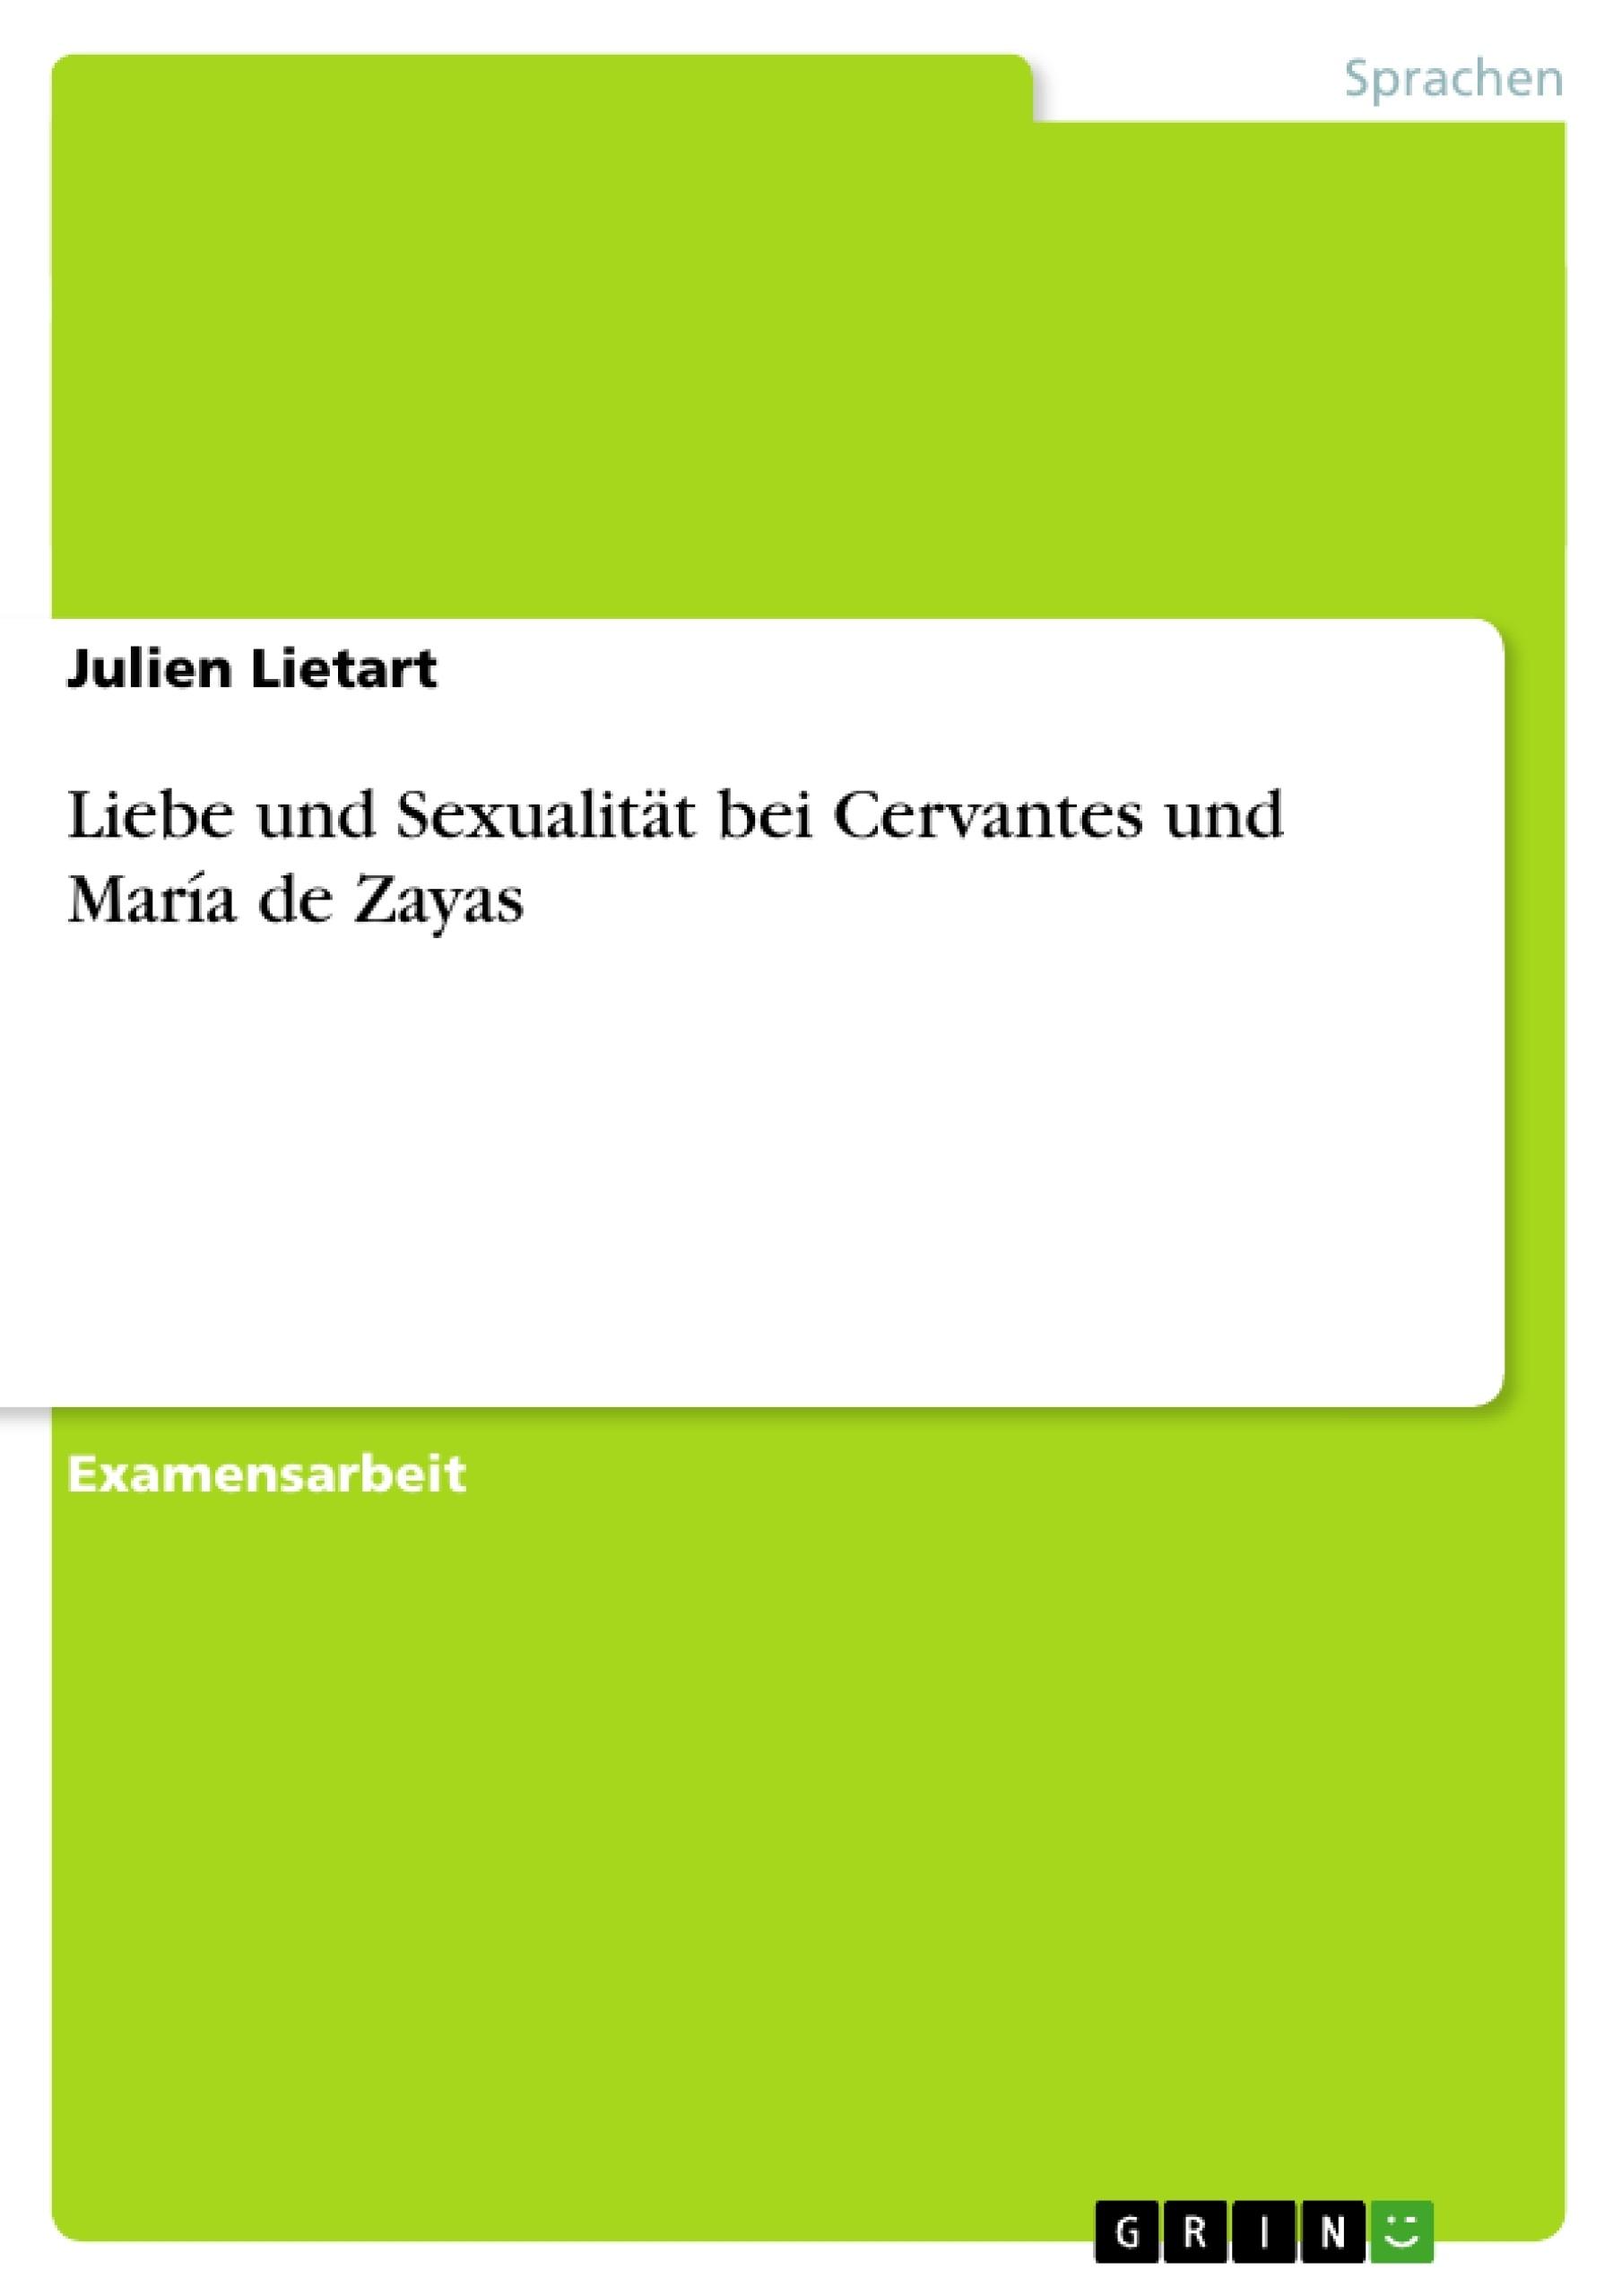 Titel: Liebe und Sexualität bei Cervantes und María de Zayas